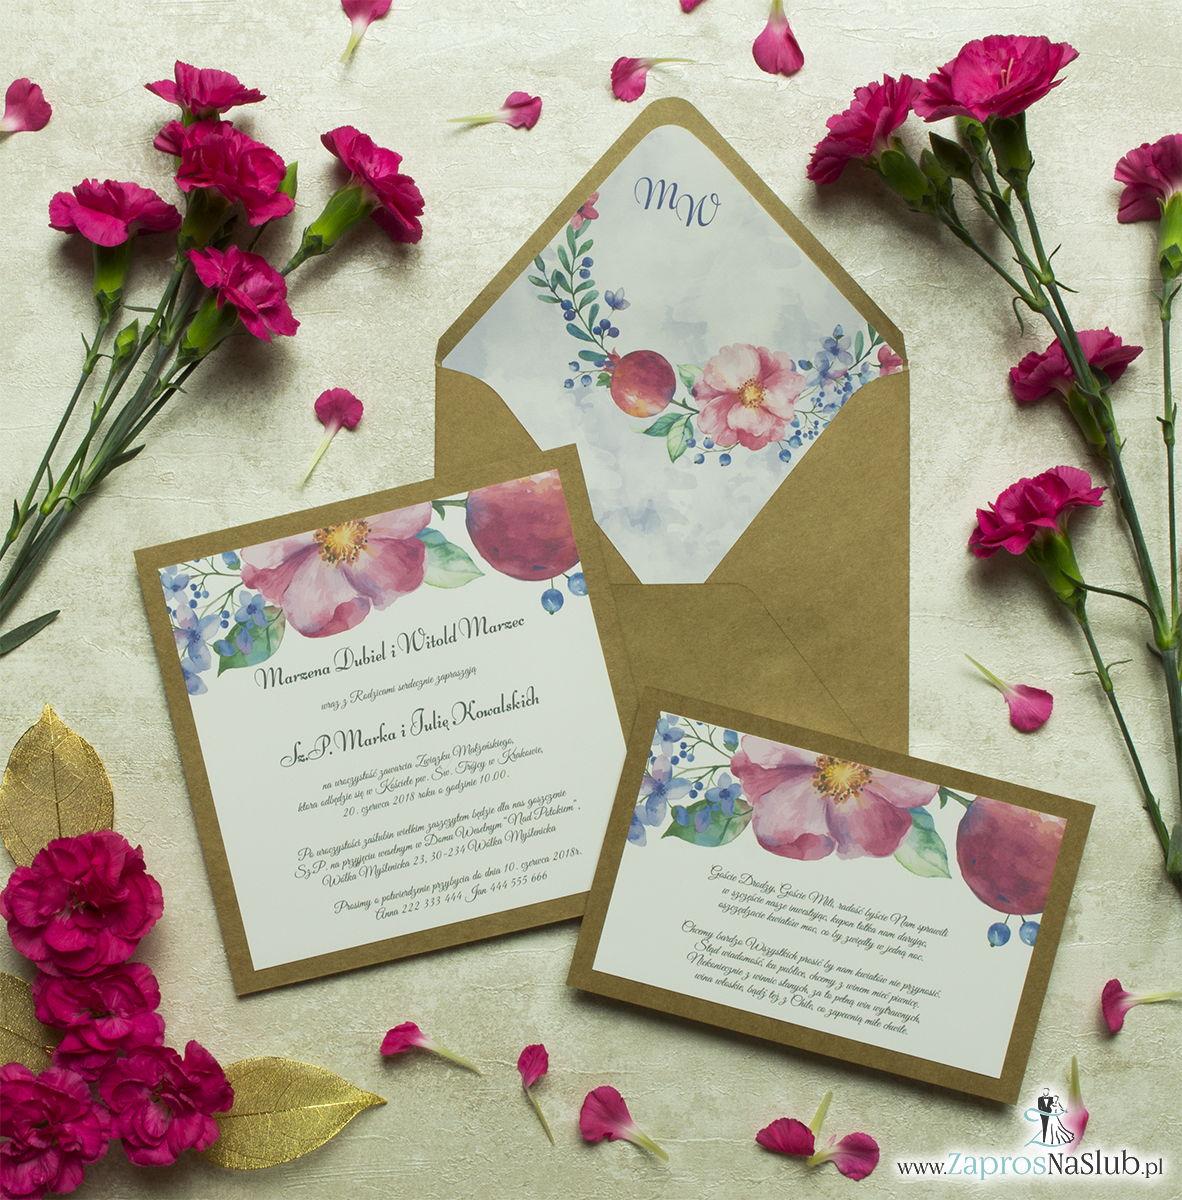 Dwuczęściowe, kwiatowe zaproszenia ślubne w stylu eko, z różówymi i fioletowymi kwiatami oraz jagódkami. ZAP-76-12